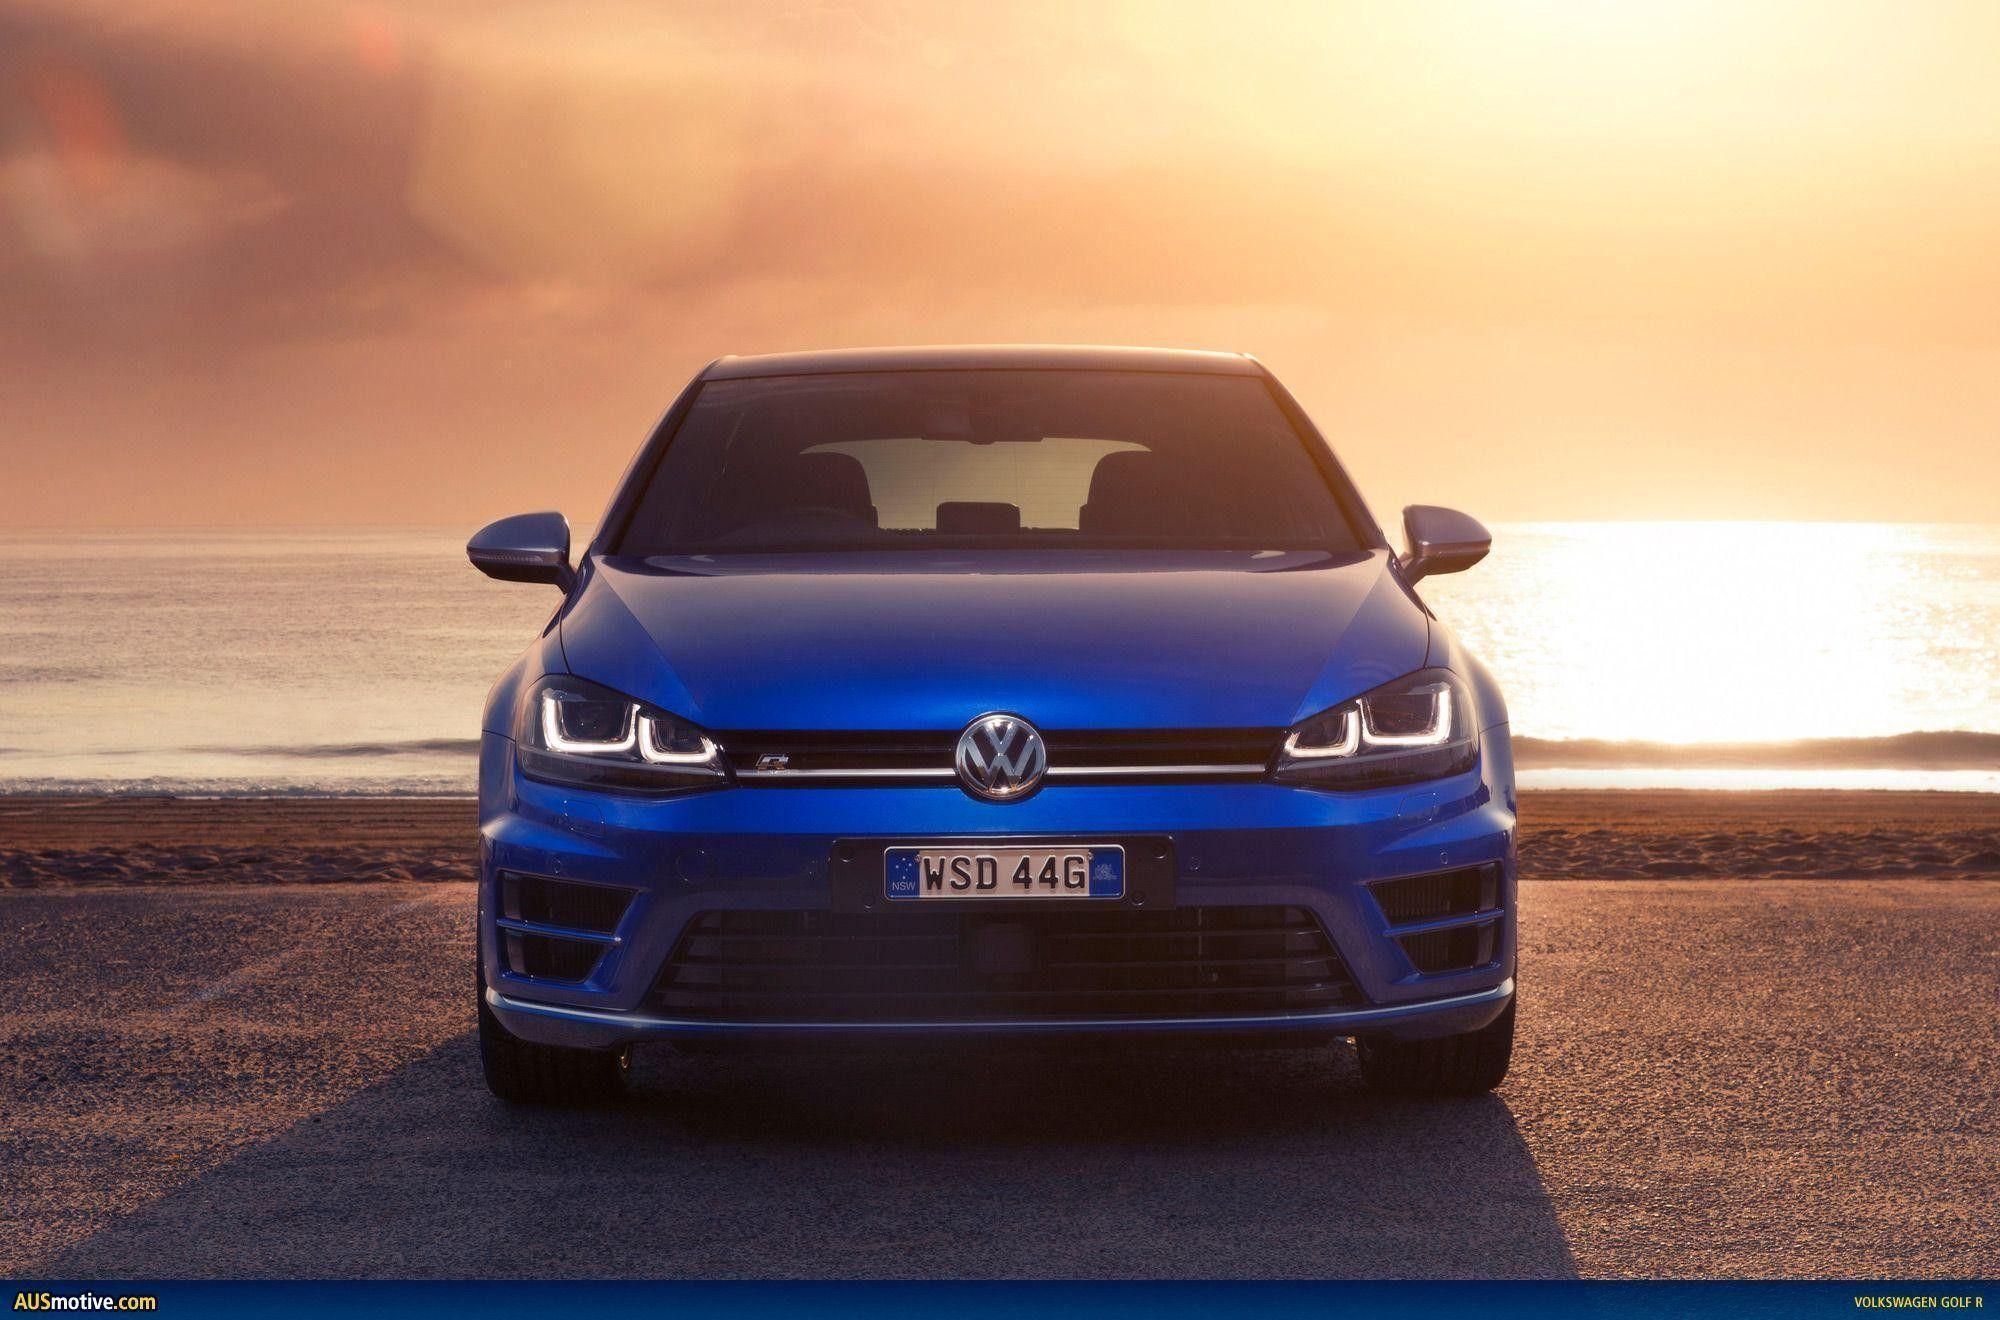 2000x1320 Vw Golf R Wallpaper Wallpapersafari Vw Golf Volkswagen Scirocco Volkswagen